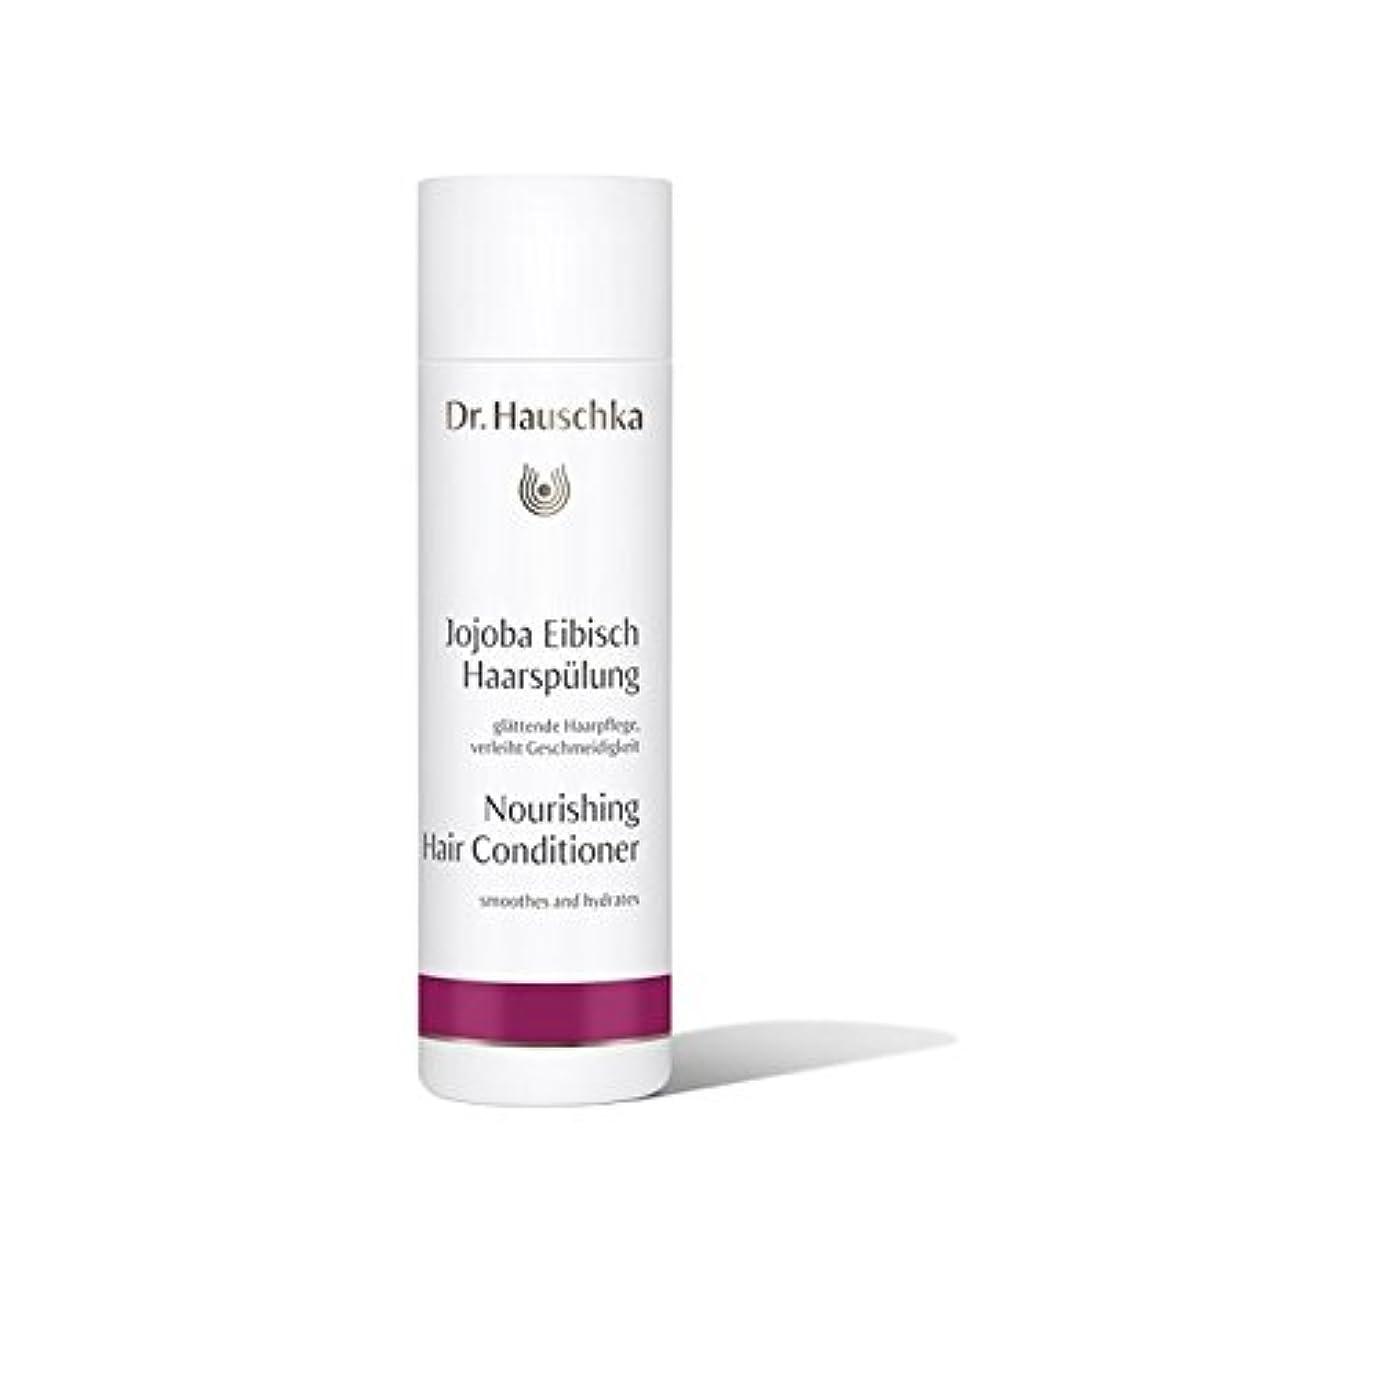 崖臨検数学的なDr. Hauschka Nourishing Hair Conditioner (200ml) - ハウシュカ栄養ヘアコンディショナー(200ミリリットル) [並行輸入品]